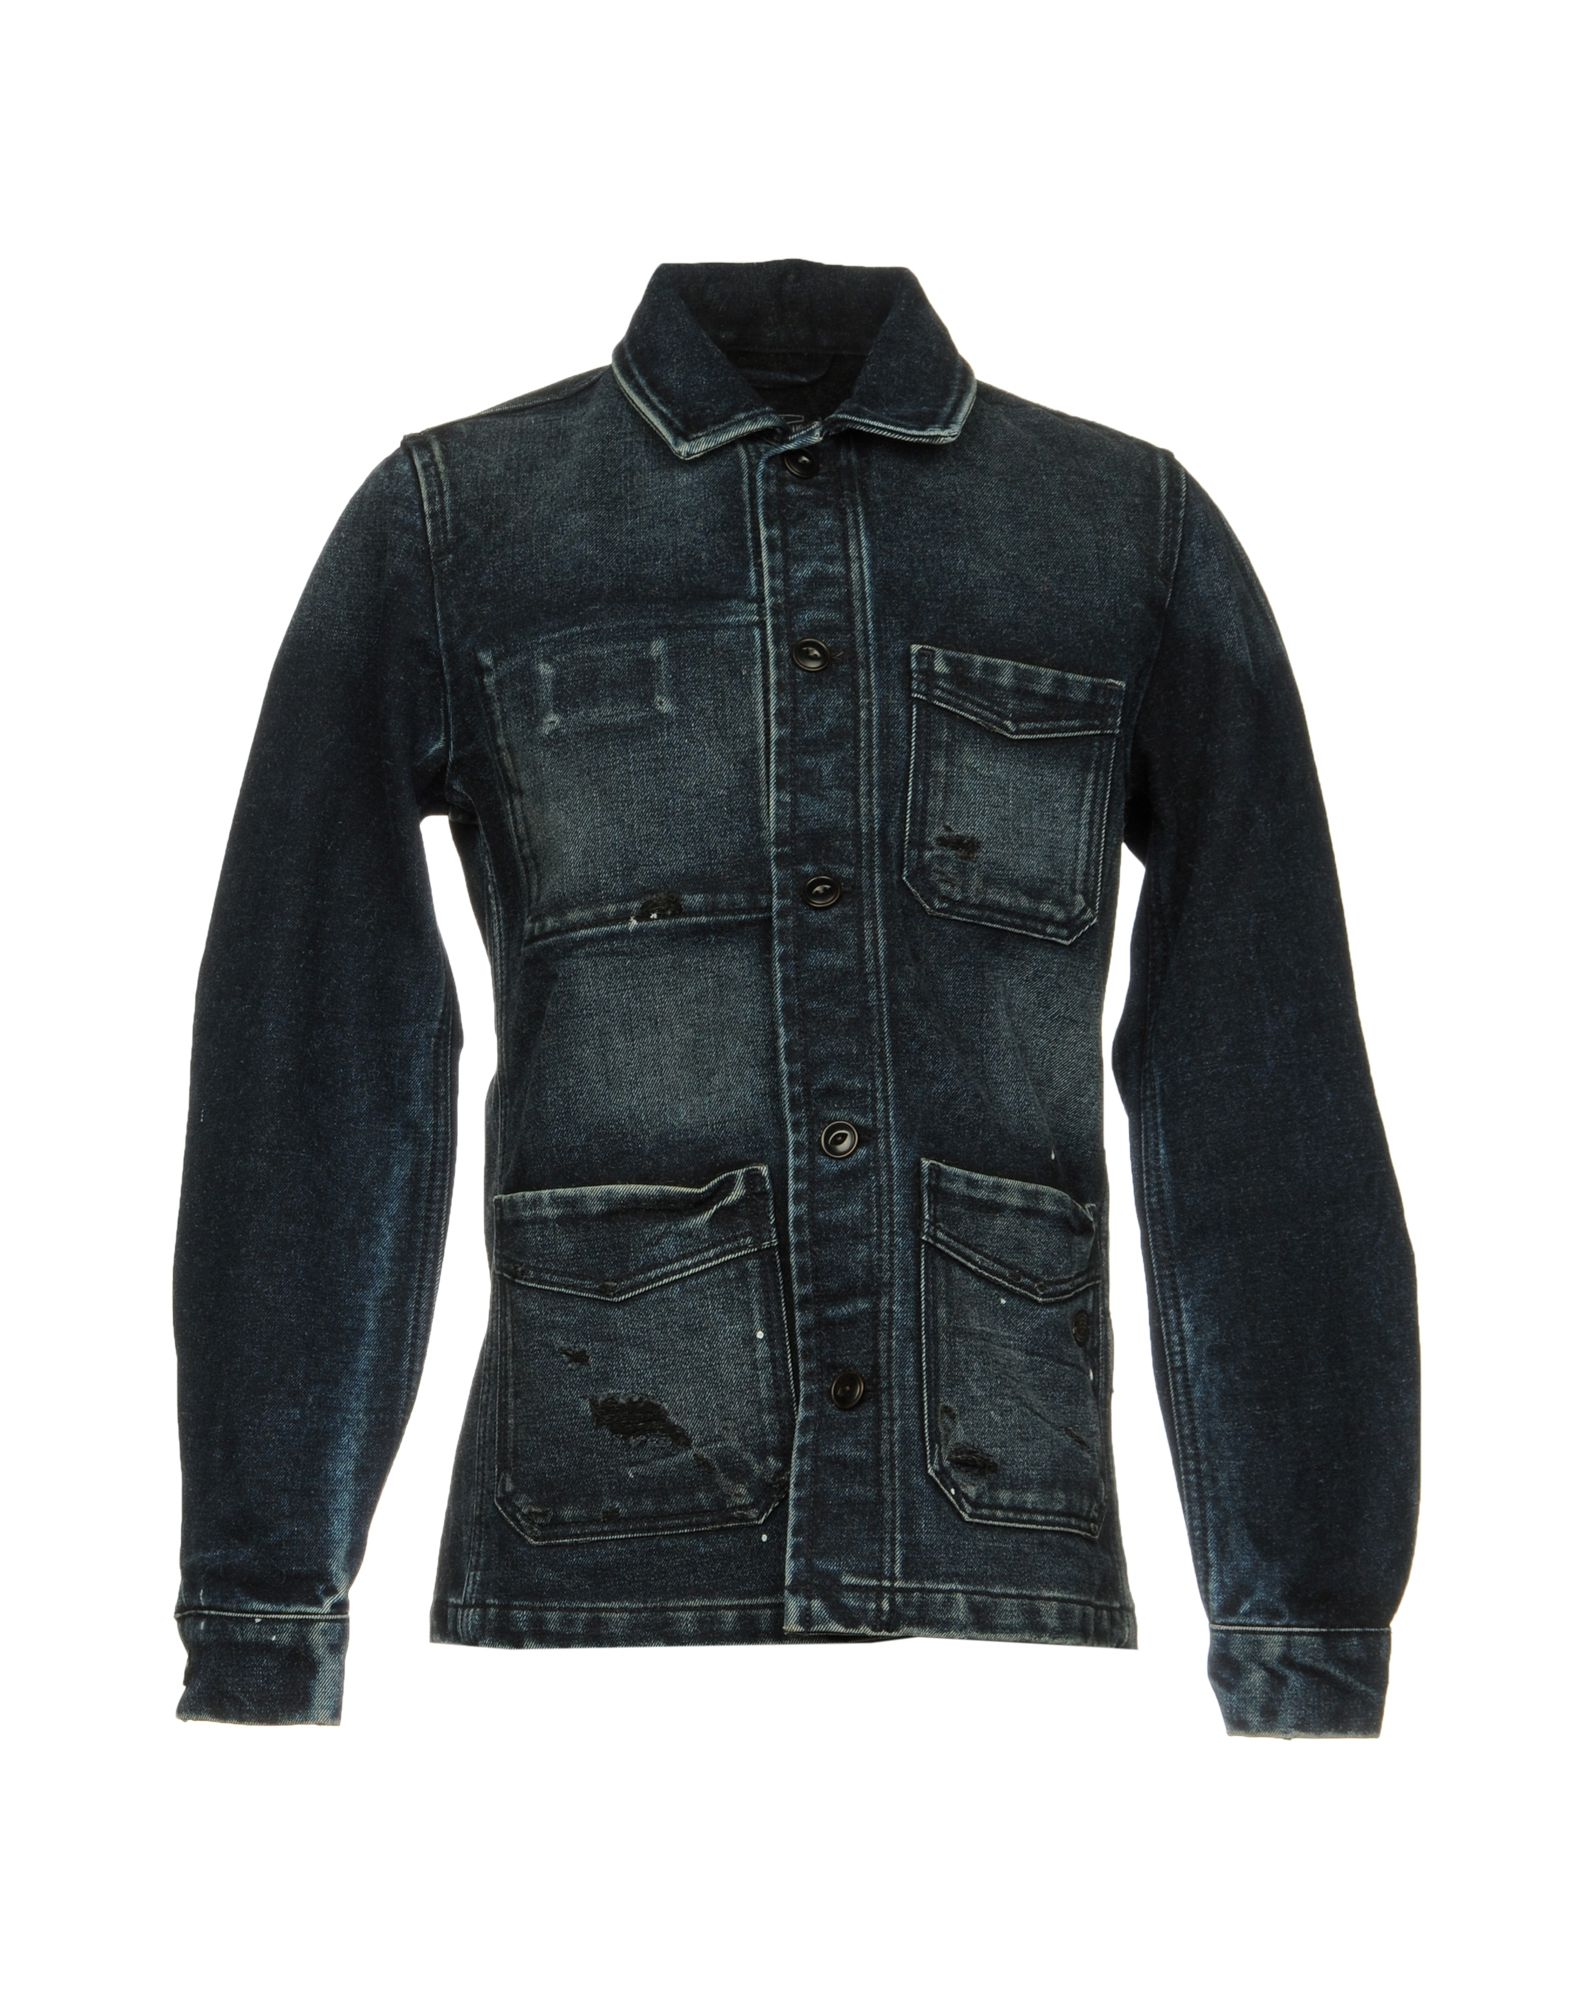 купить PEPE JEANS HERITAGE Джинсовая верхняя одежда по цене 12750 рублей